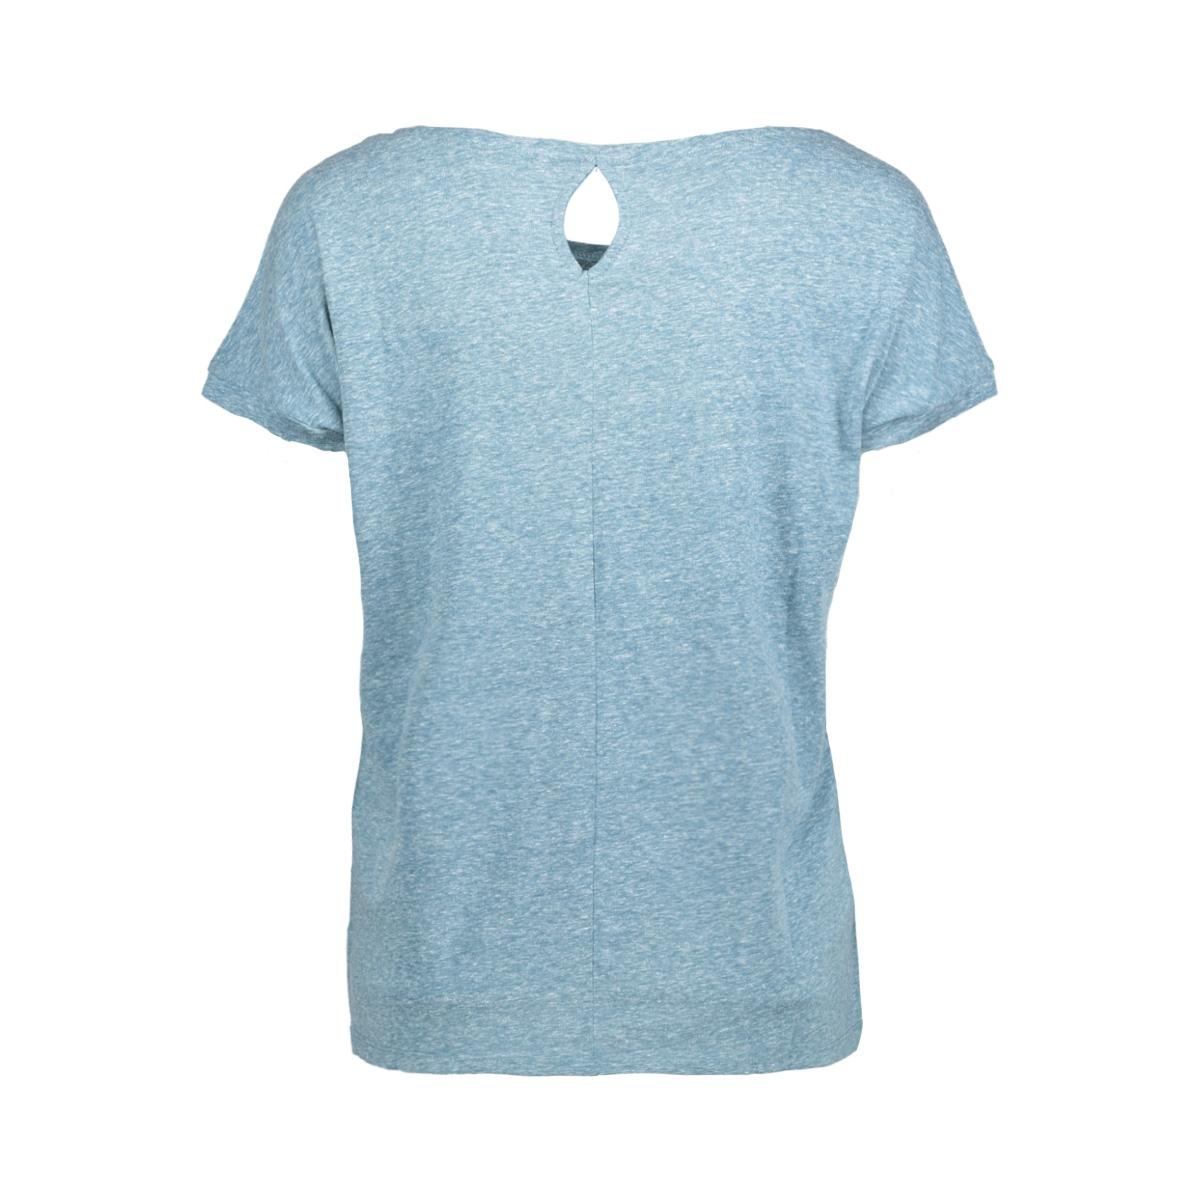 107cc1k003 edc t-shirt c474